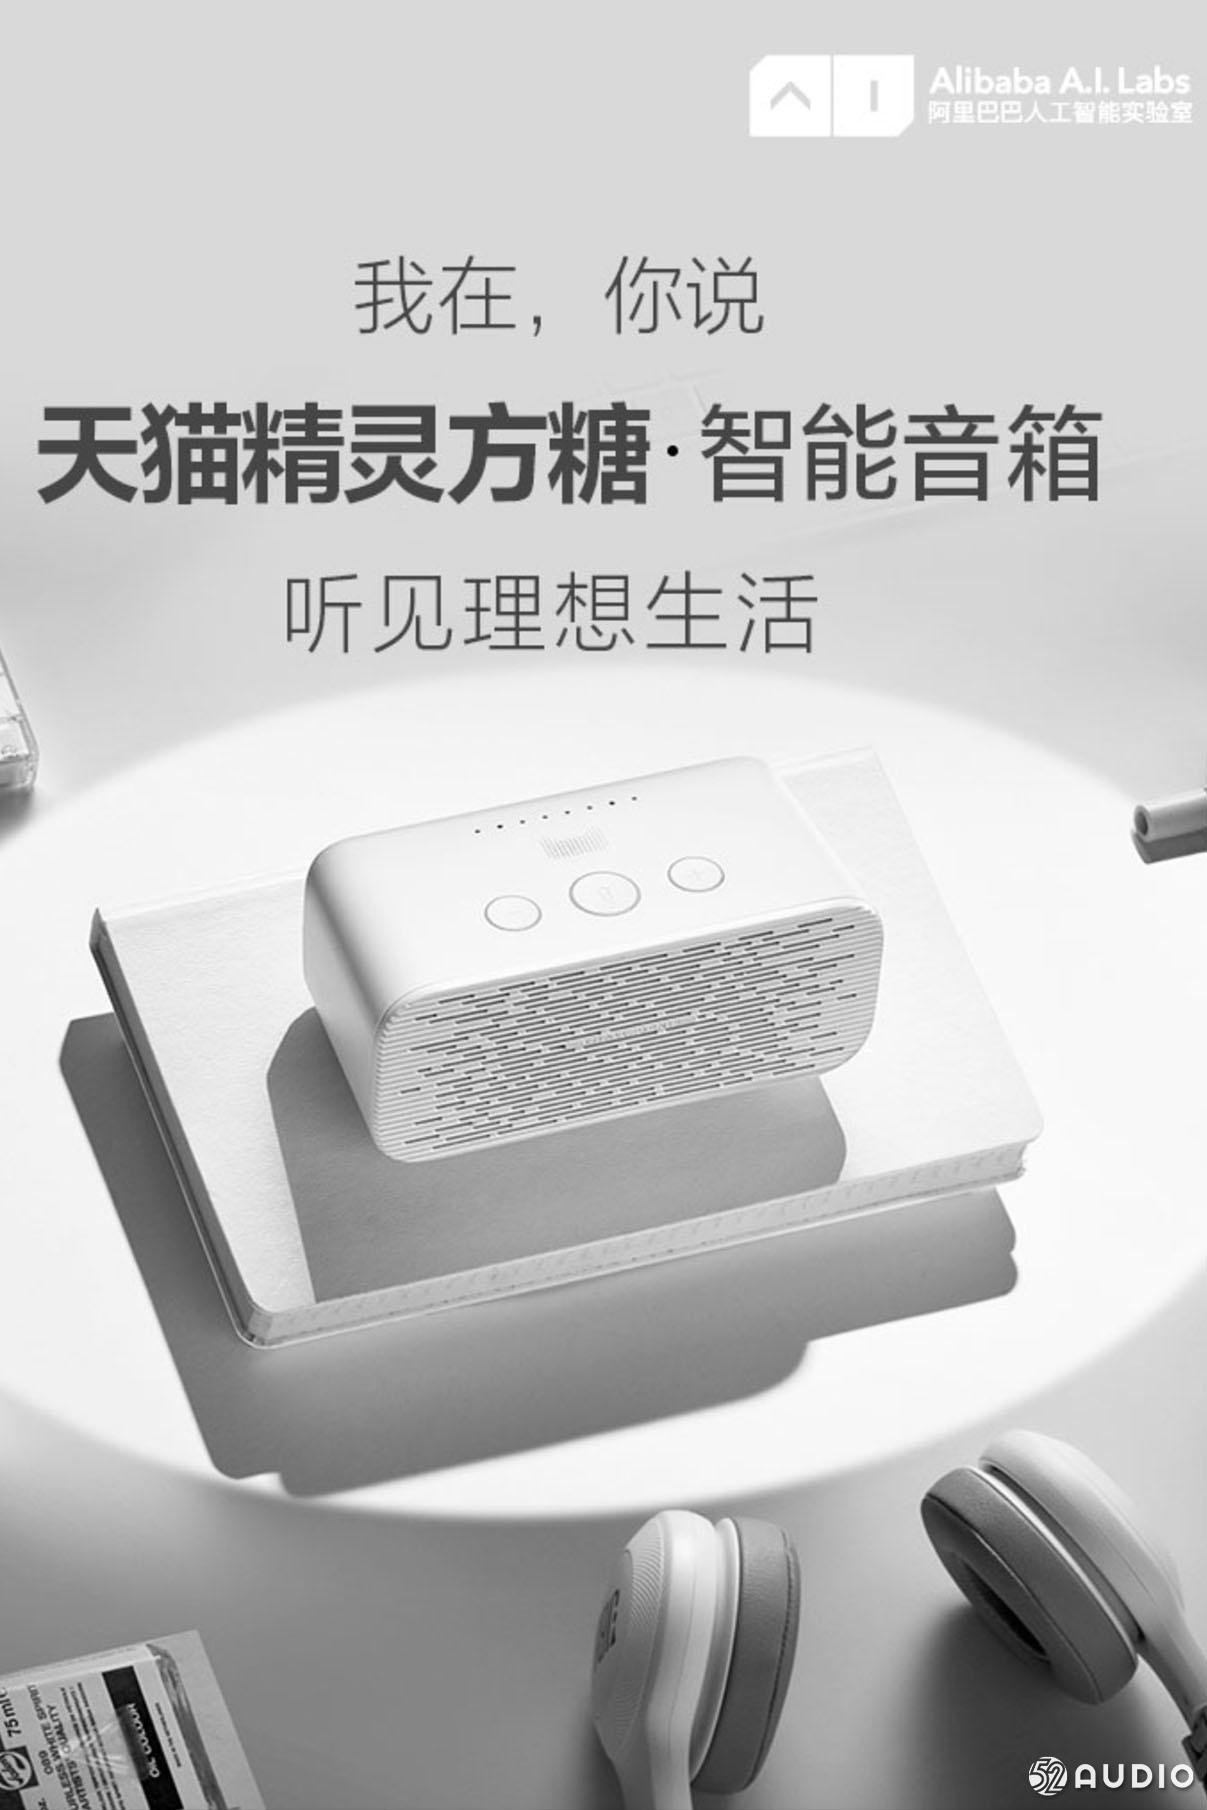 天猫精灵方糖智能音箱发布:支持前置出音和DTS认证-我爱音频网